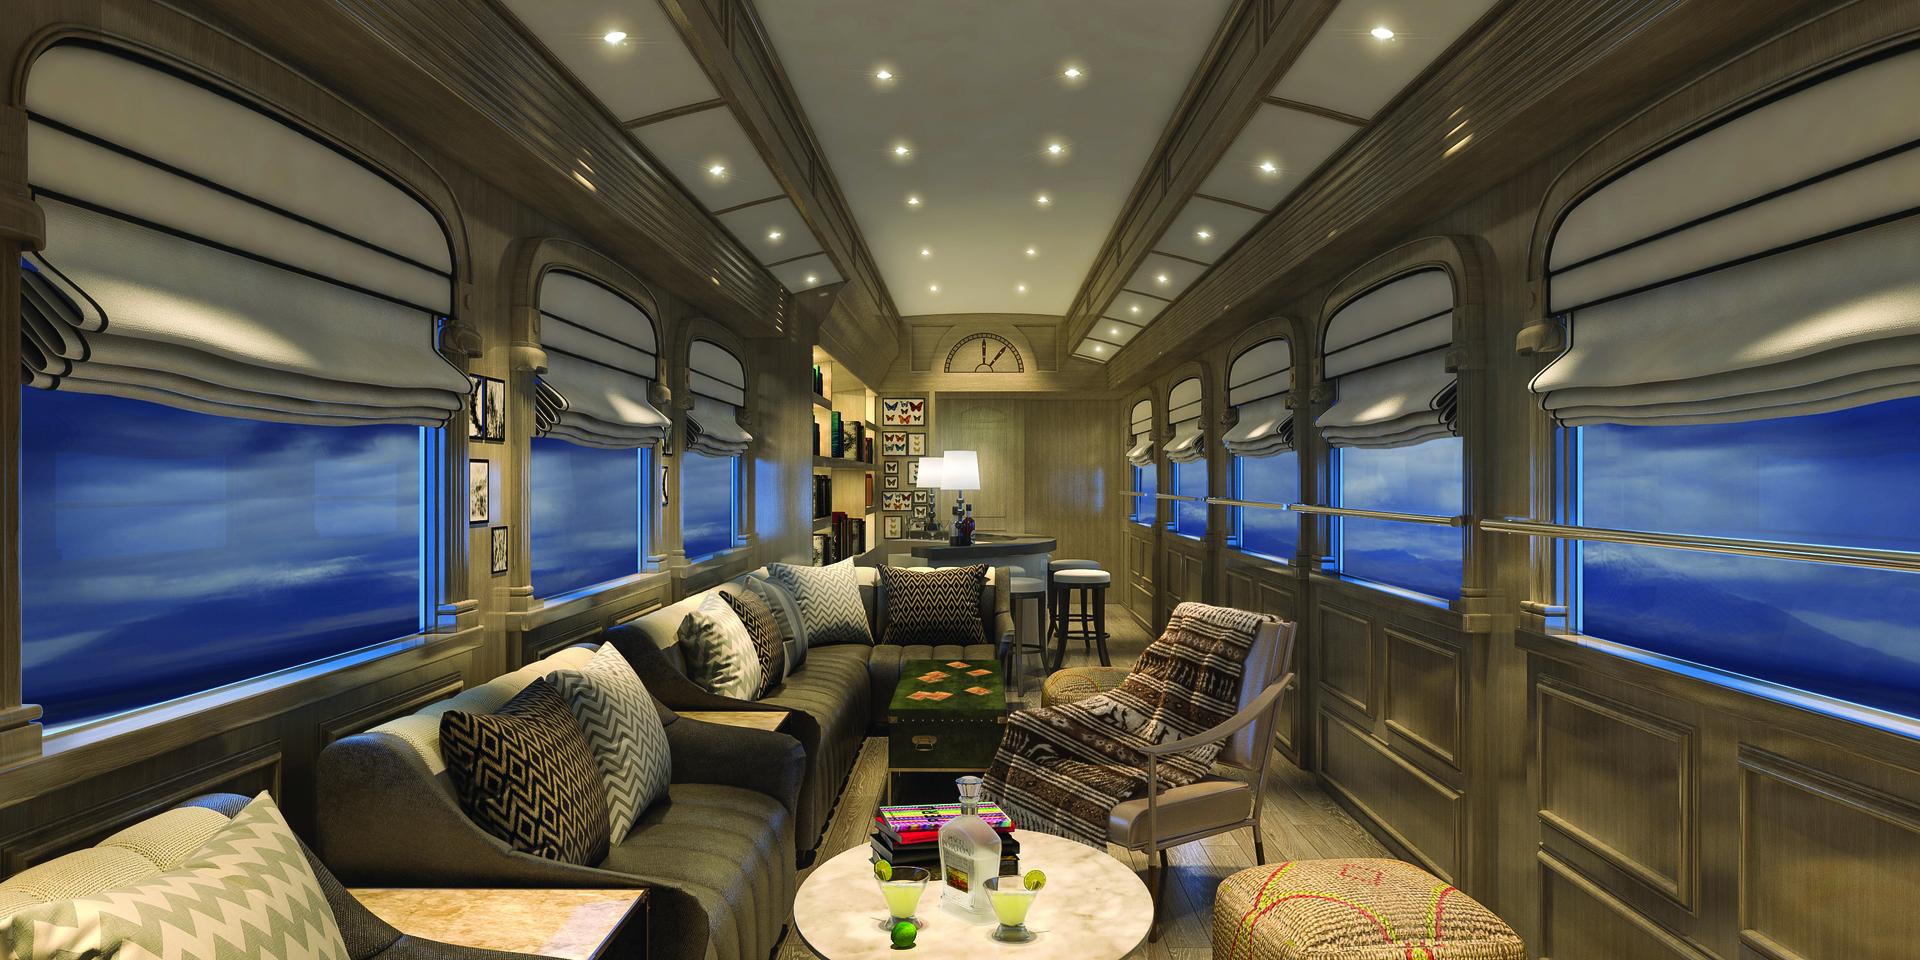 peru ter 1 trem de luxo com su tes da am rica do sul. Black Bedroom Furniture Sets. Home Design Ideas